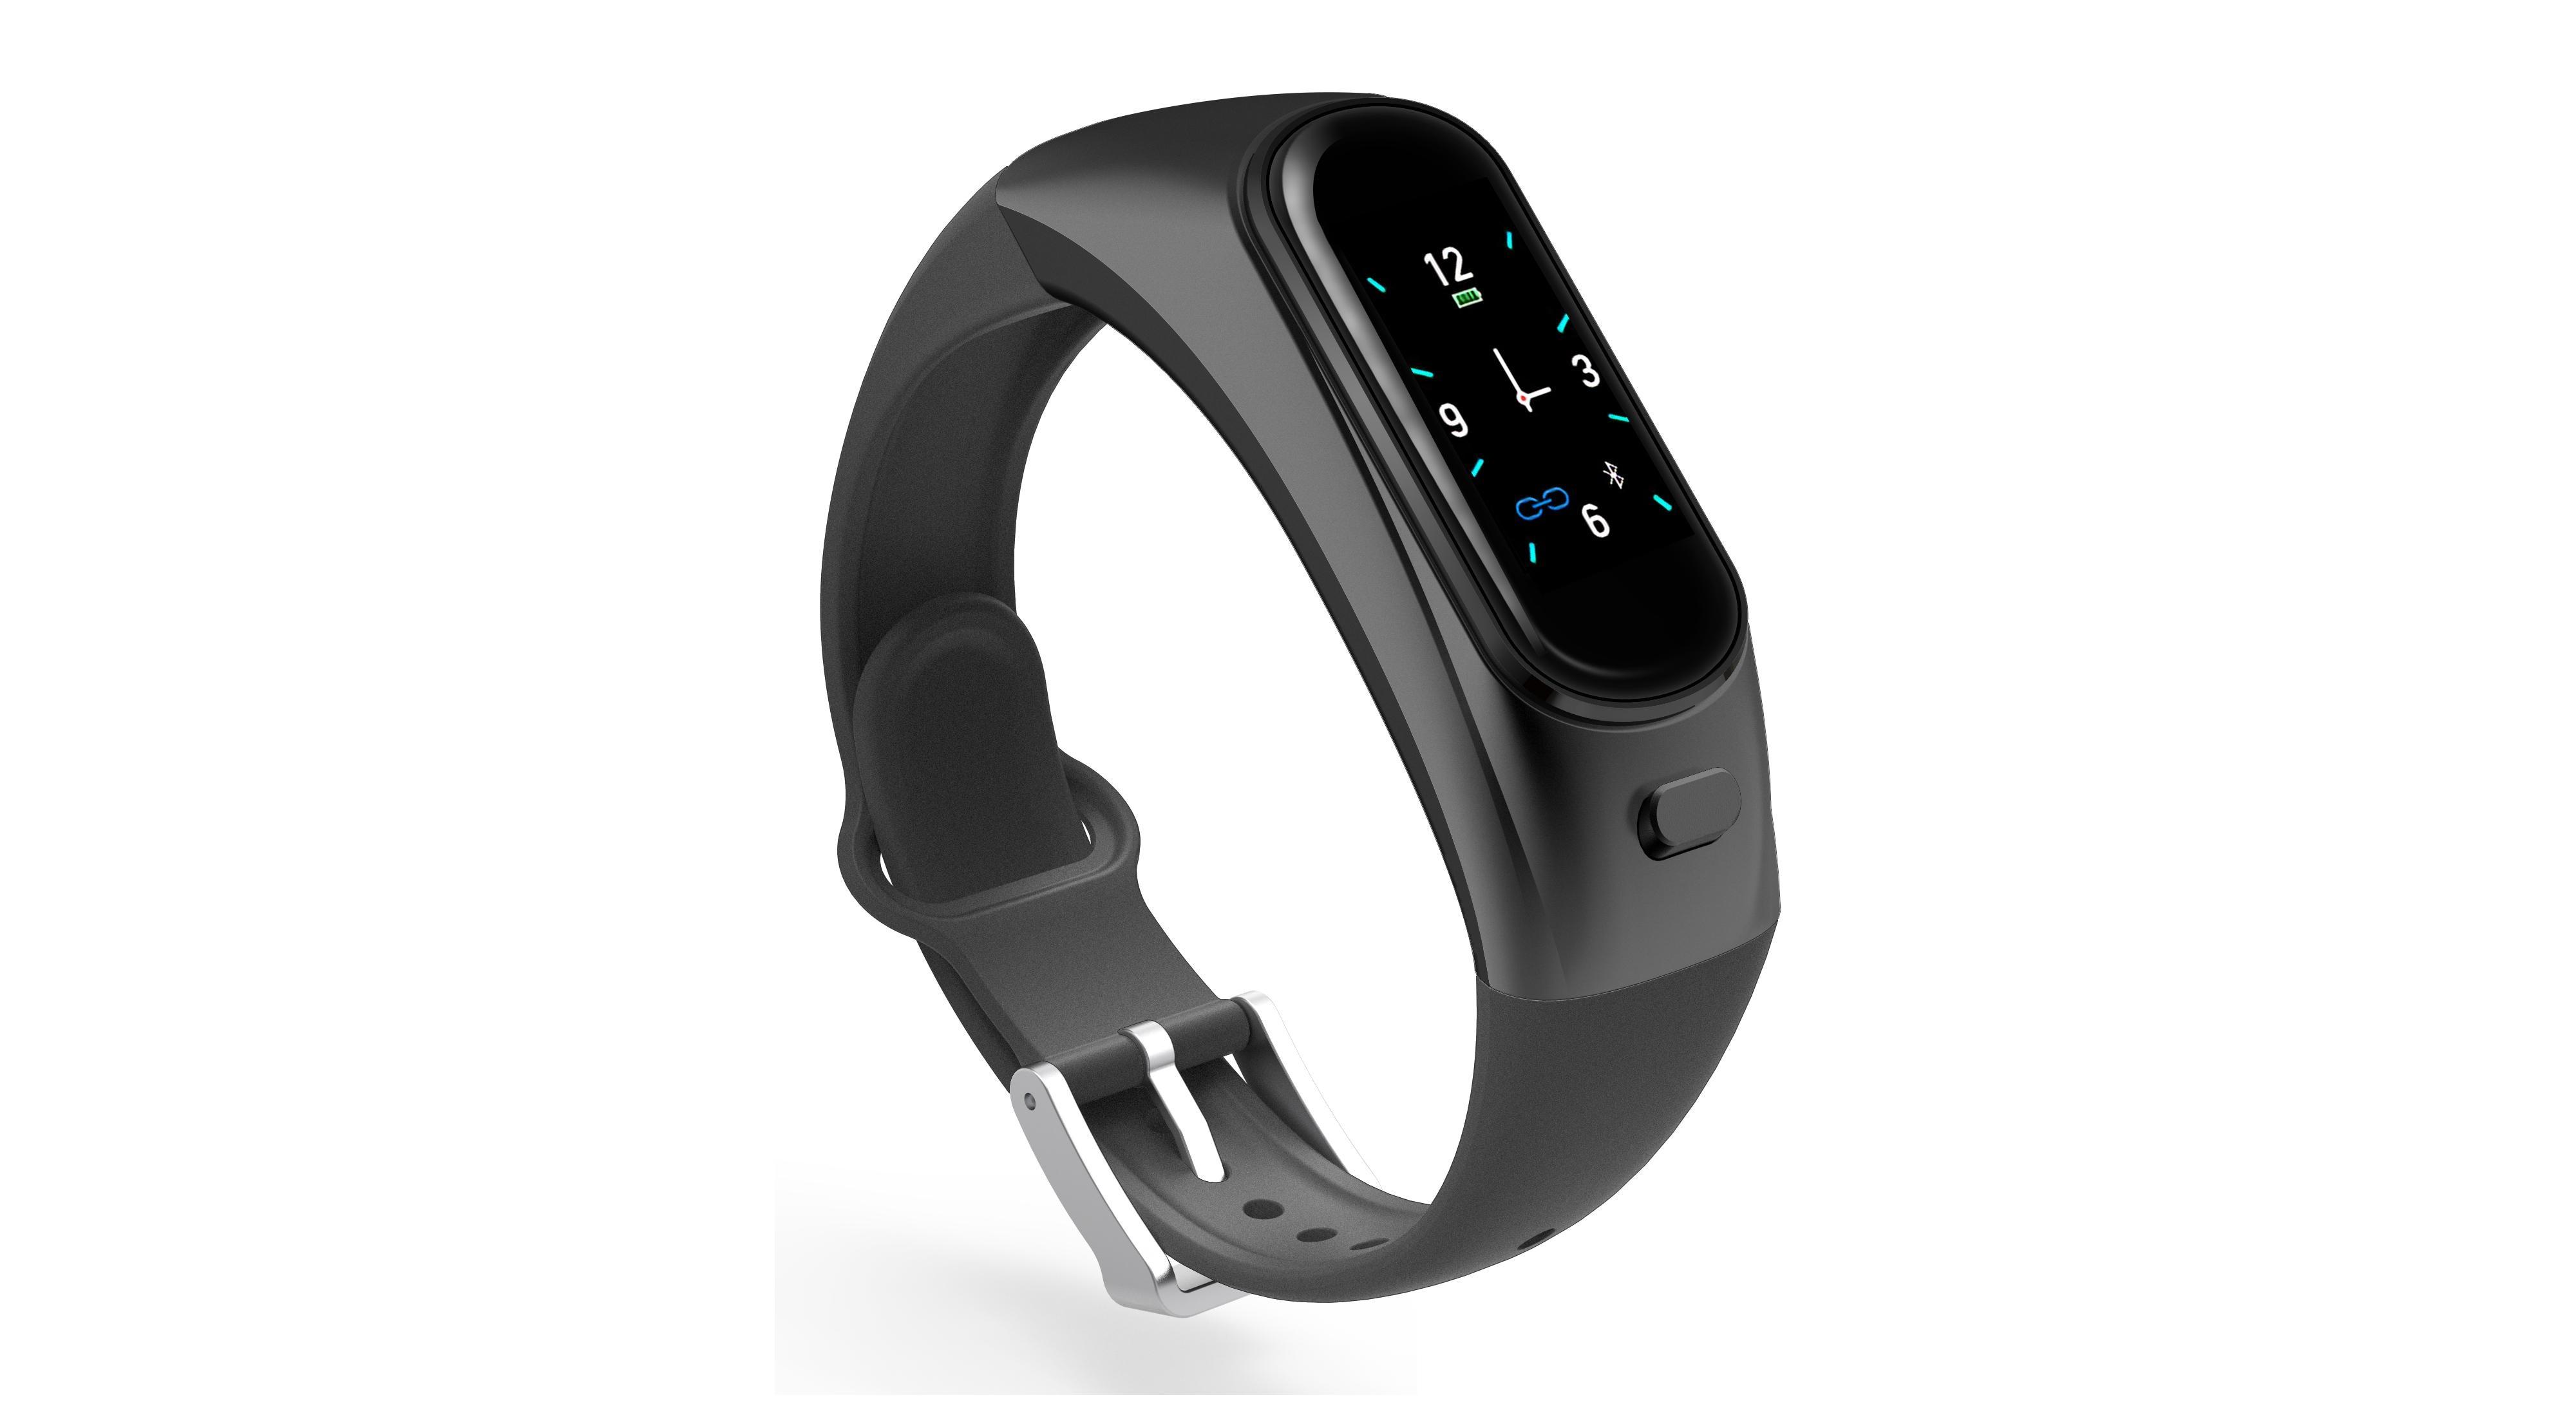 H109 Smart Bracelet Bluetooth Wireless Earphone Blood Pressure Heart Rate Monitor Smart Bracelet for Apple for IphoneH109 Smart Bracelet Bluetooth Wireless Earphone Blood Pressure Heart Rate Monitor Smart Bracelet for Apple for Iphone